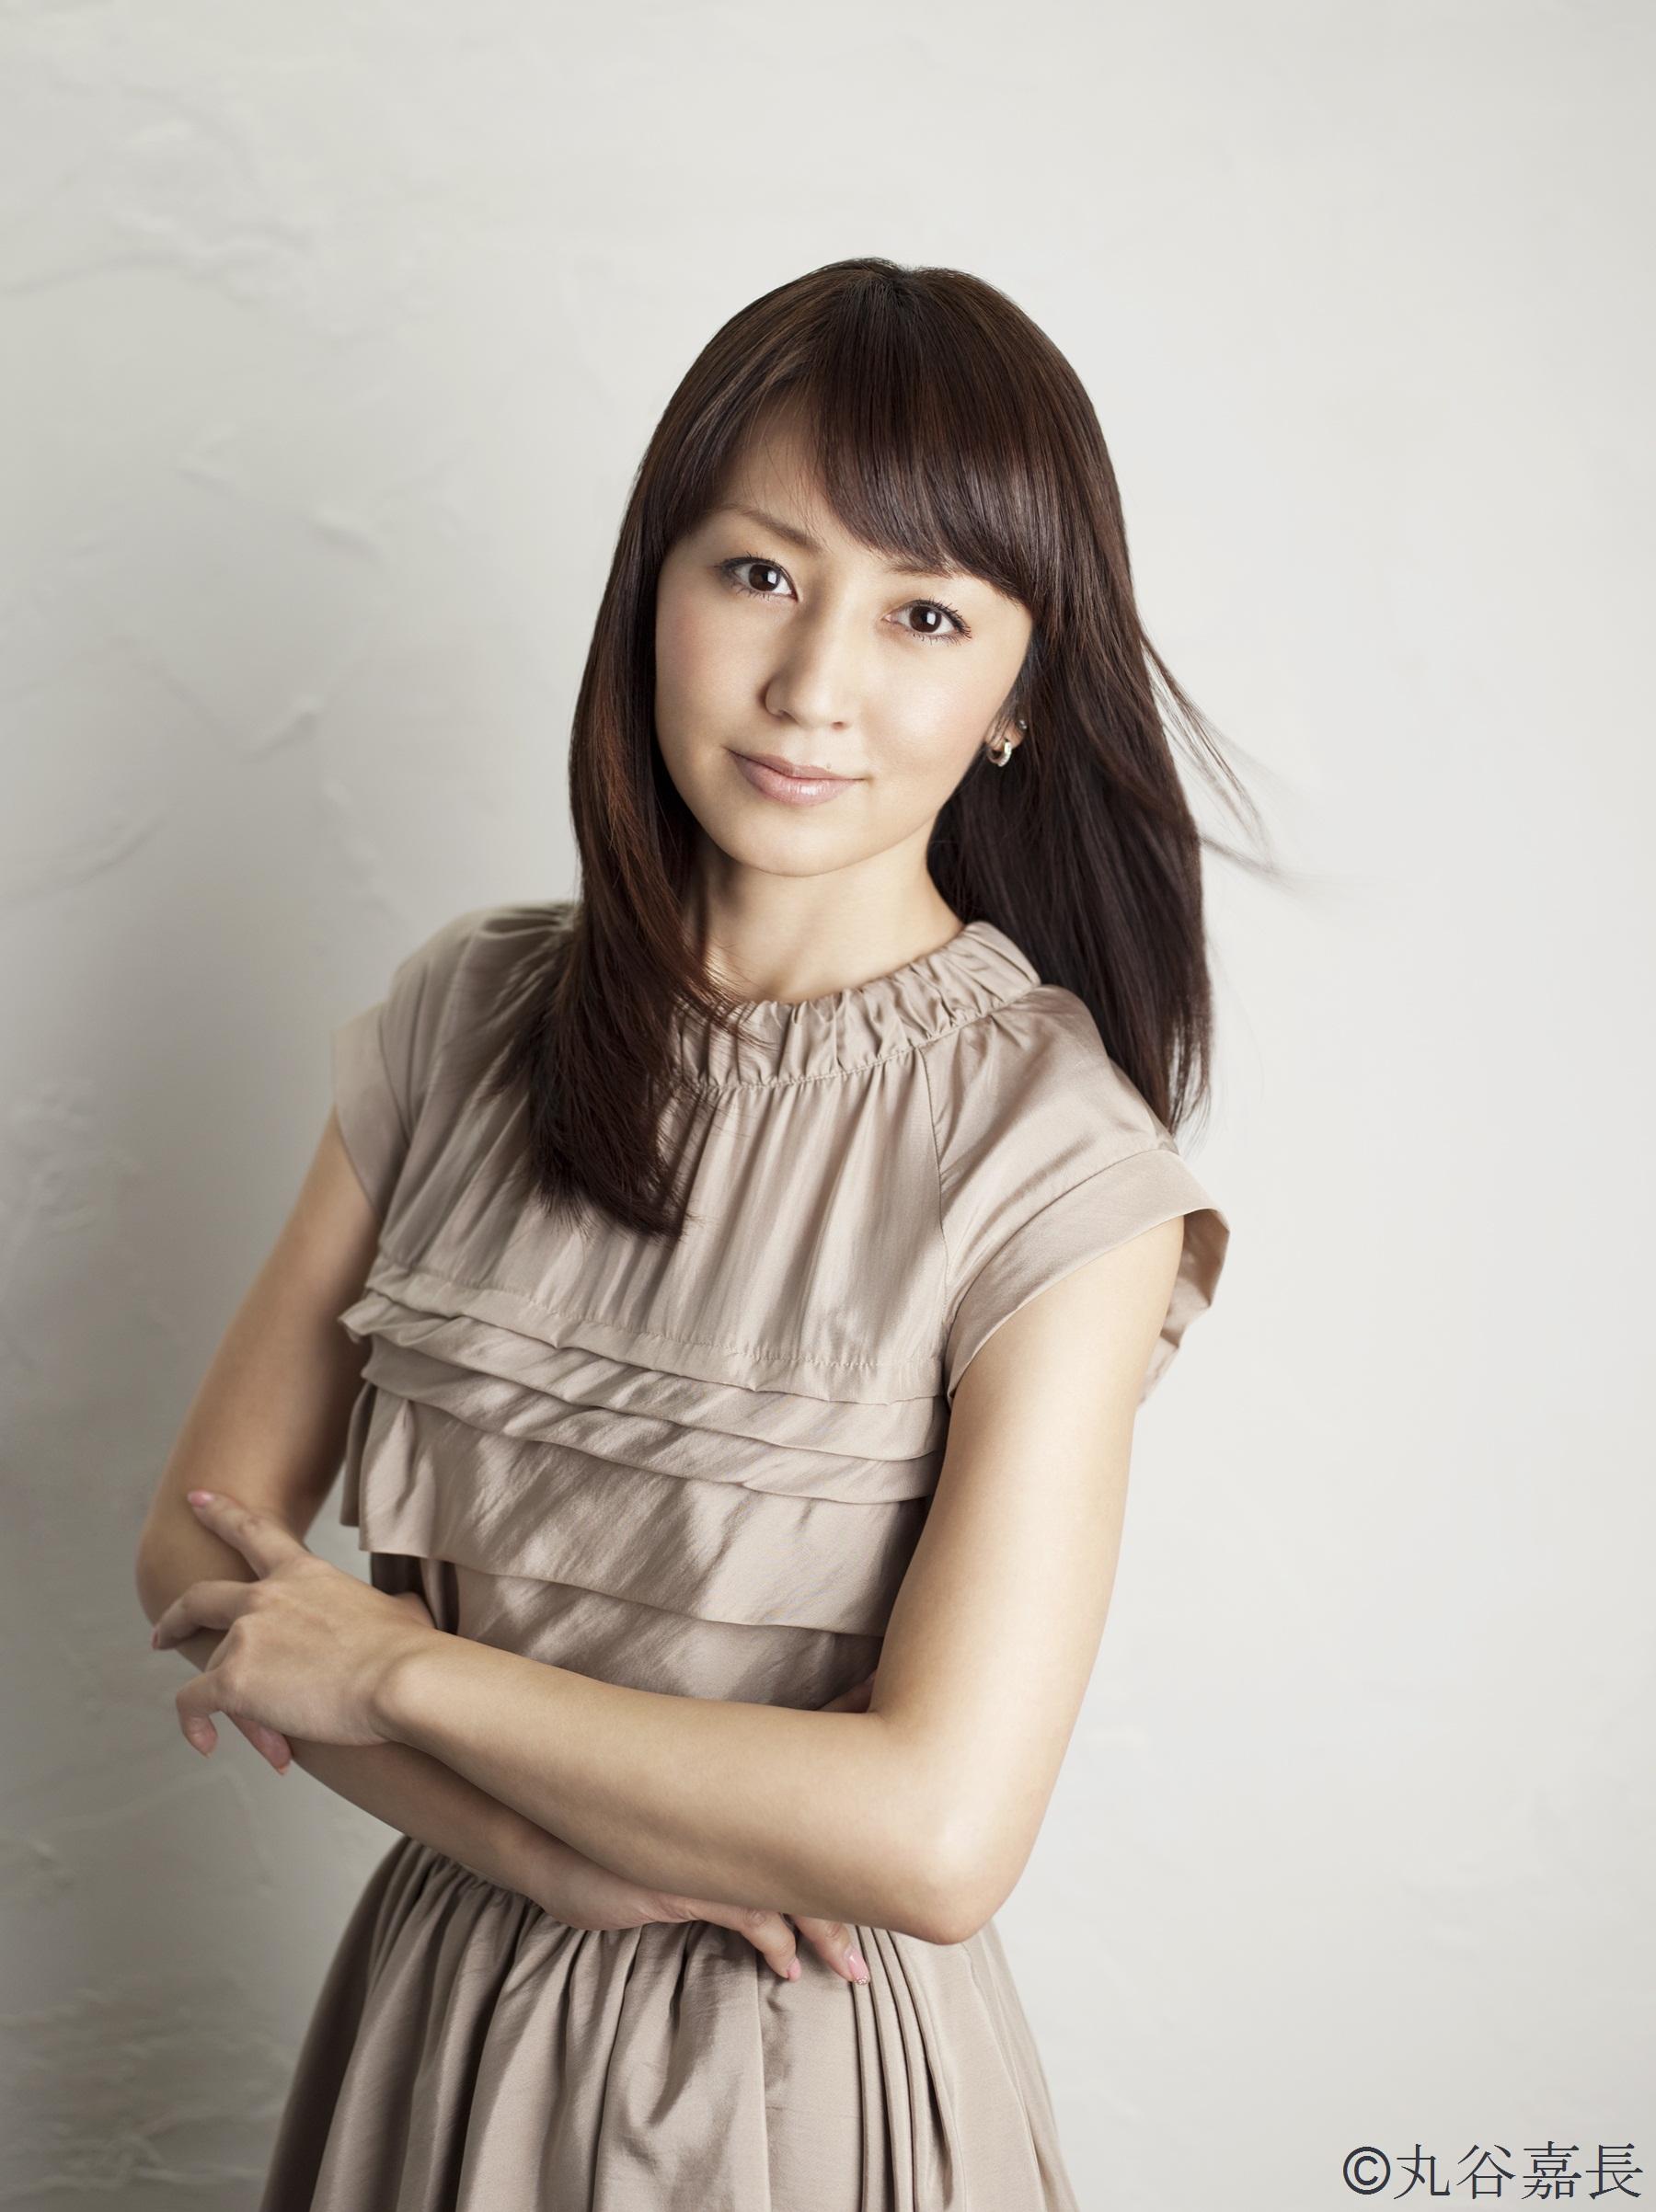 【画像あり】矢田亜希子のかわいい画像!ファッションが素敵!!のサムネイル画像